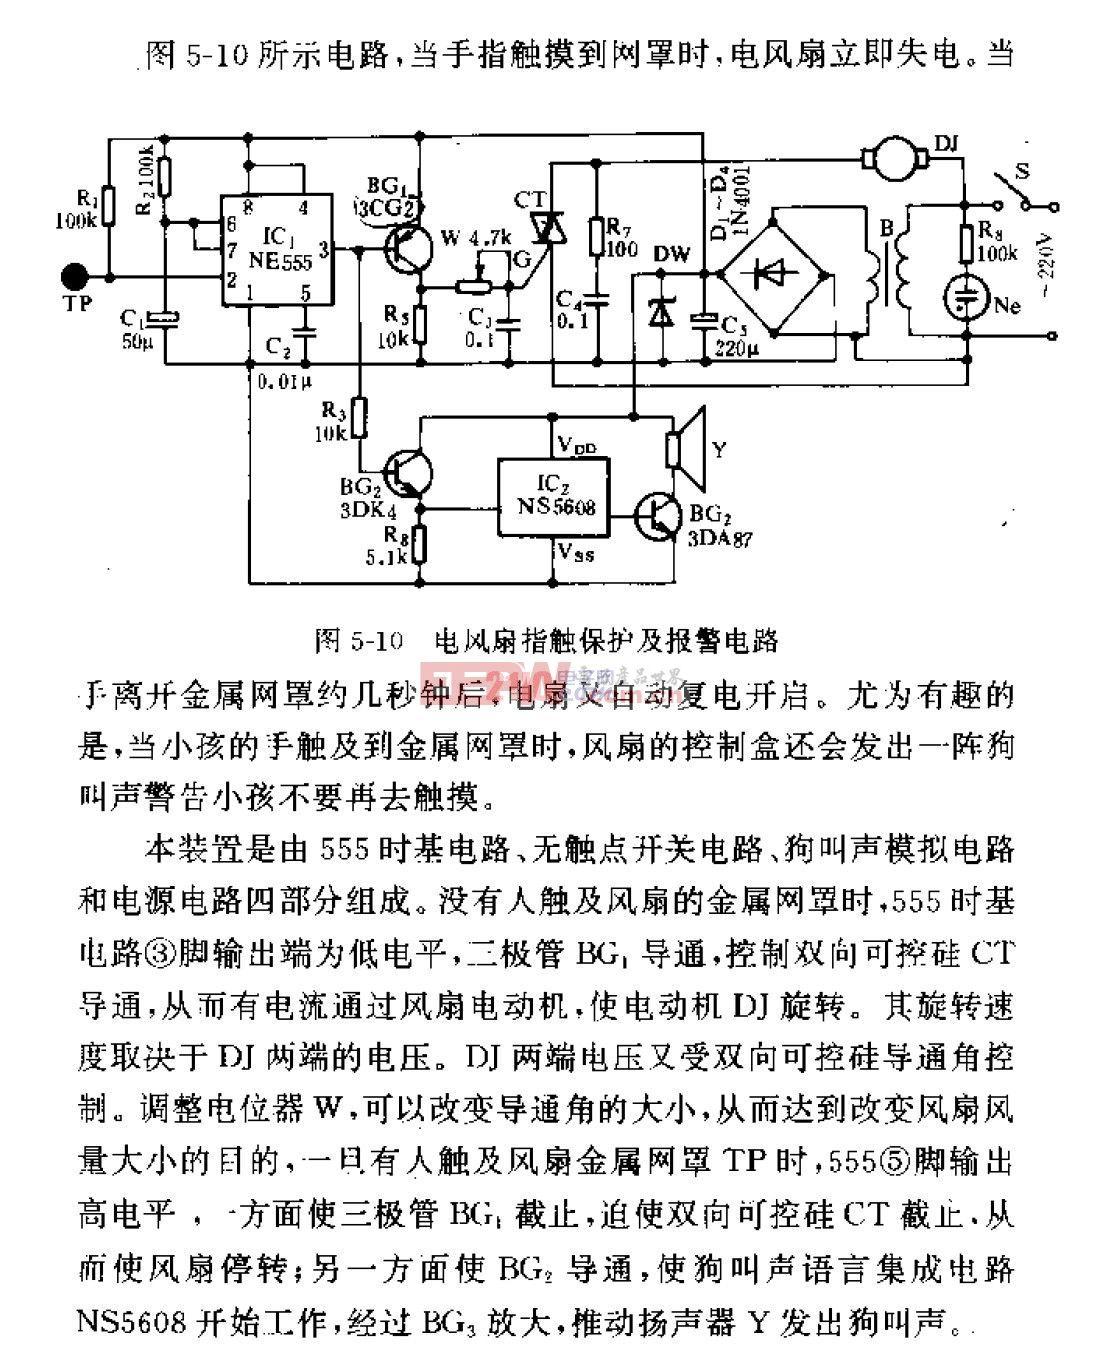 电风扇指触保护及报警电路.jpg